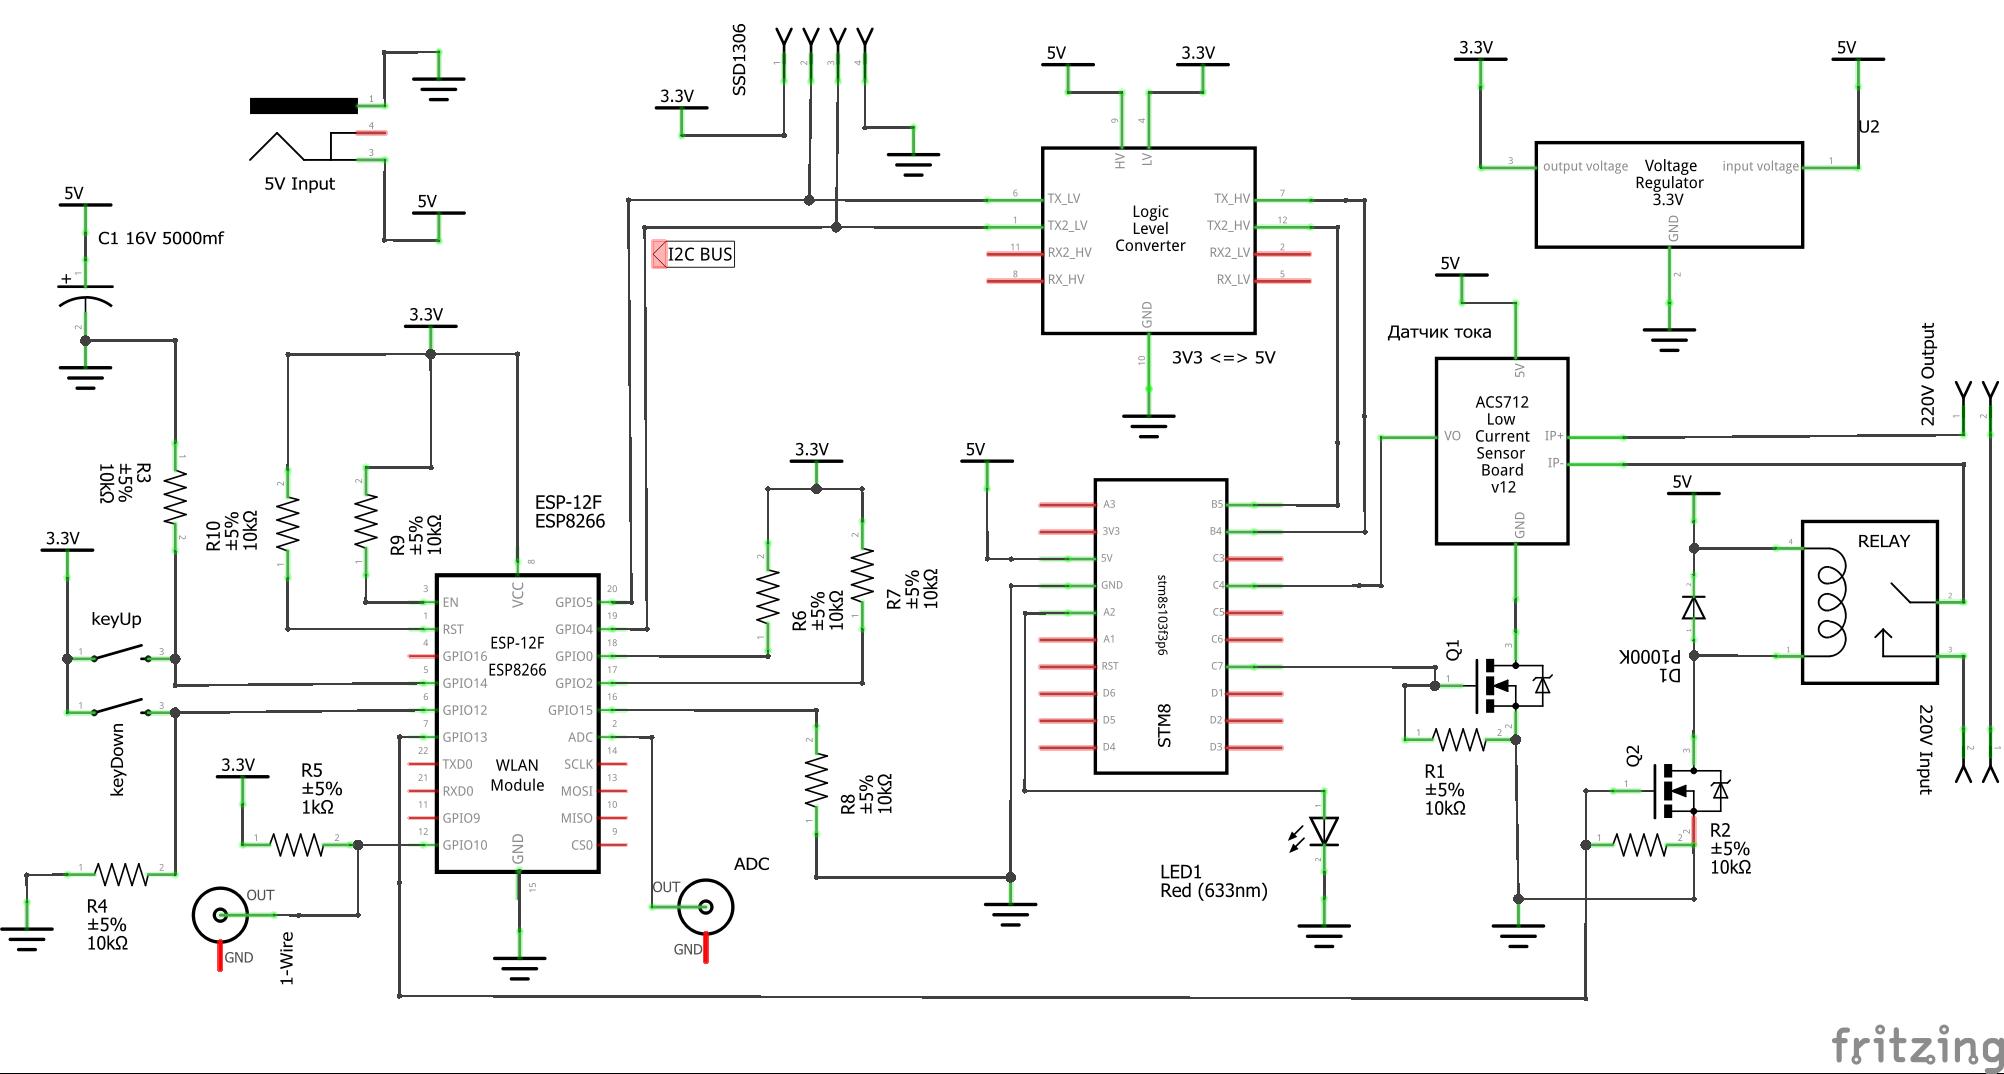 Как заварить чай по MQTT или доступная умная розетка с контролем температуры и тока - 17